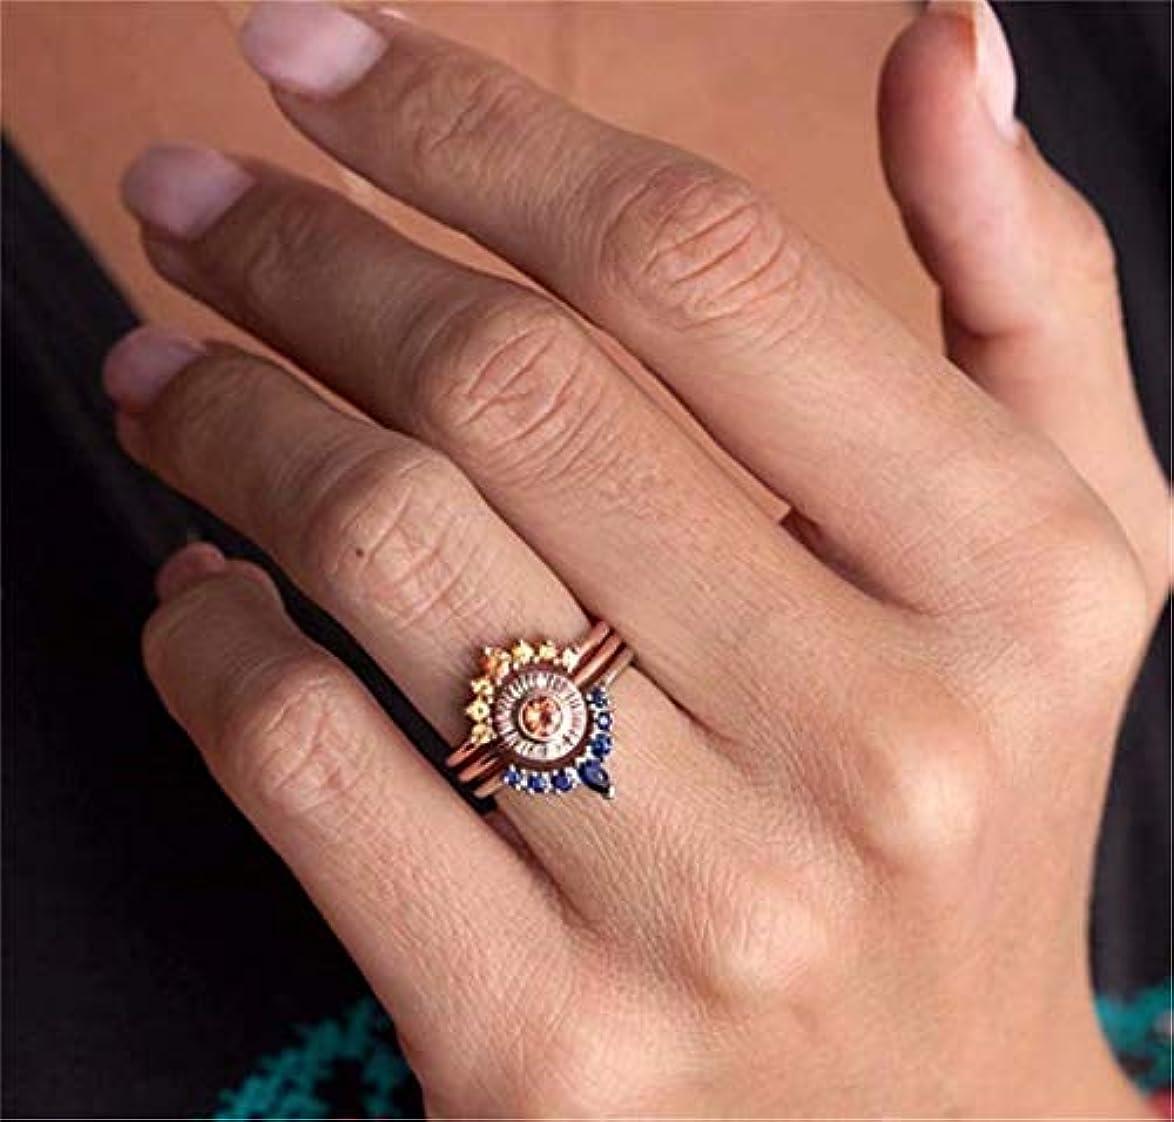 山積みの怠けたハウス七里の香 指輪 ペアリング レディース メンズ リング キュービックジルコニア 結婚指輪 婚約指輪 シンプル フラワー 花 セット